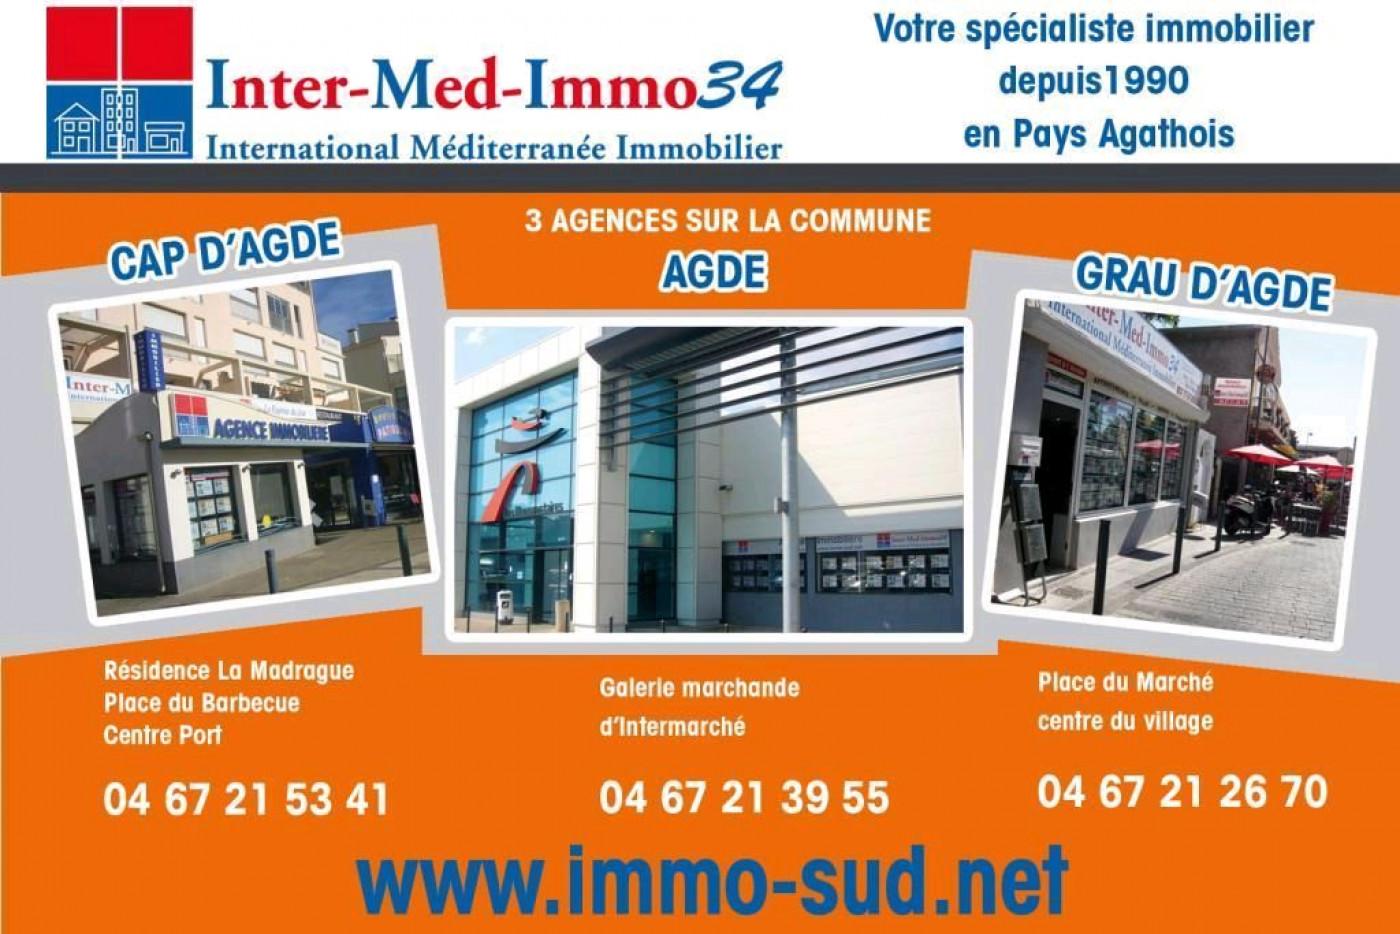 A vendre  Le Grau D'agde | Réf 3458333145 - Inter-med-immo34